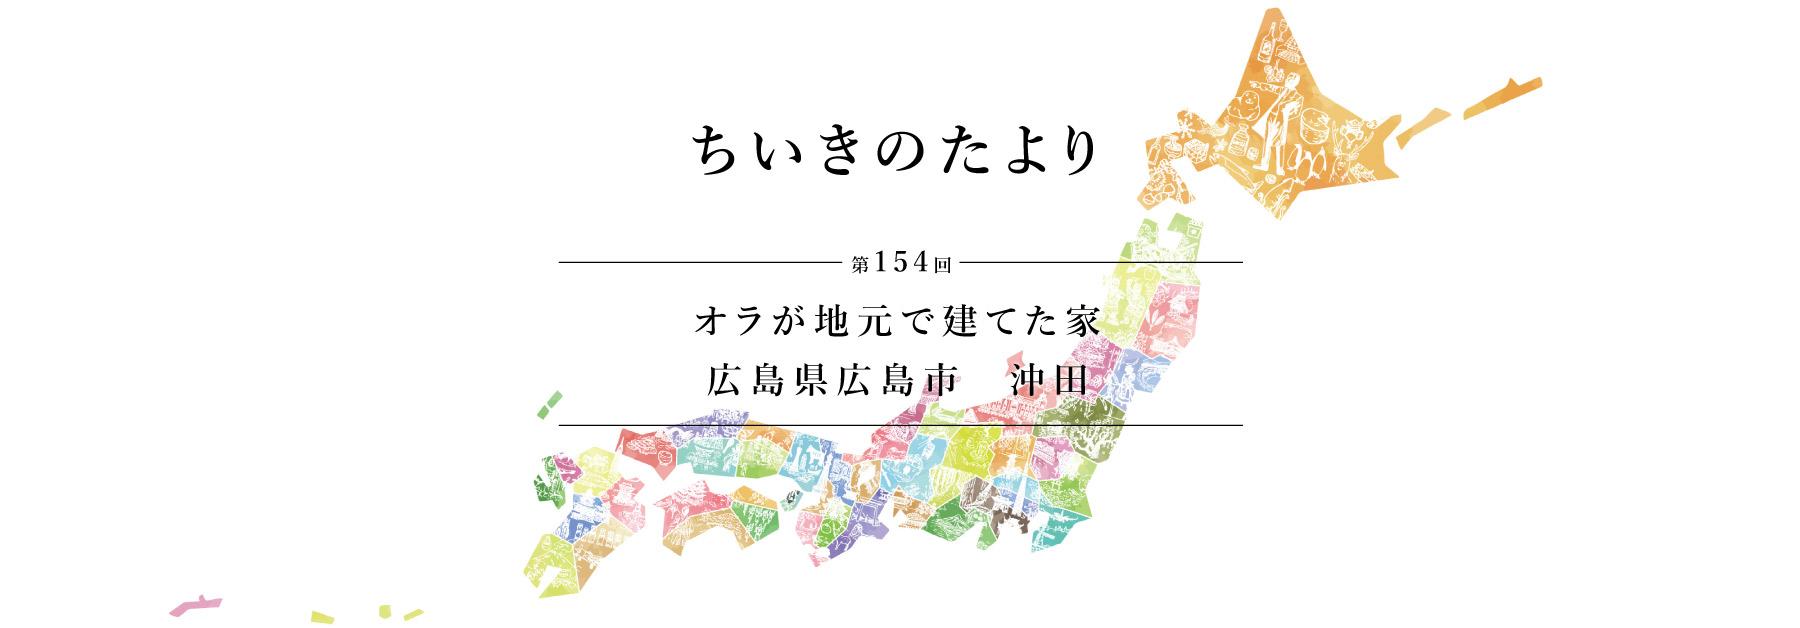 ちいきのたより第154回 オラが地元で建てた家 広島県広島市 沖田